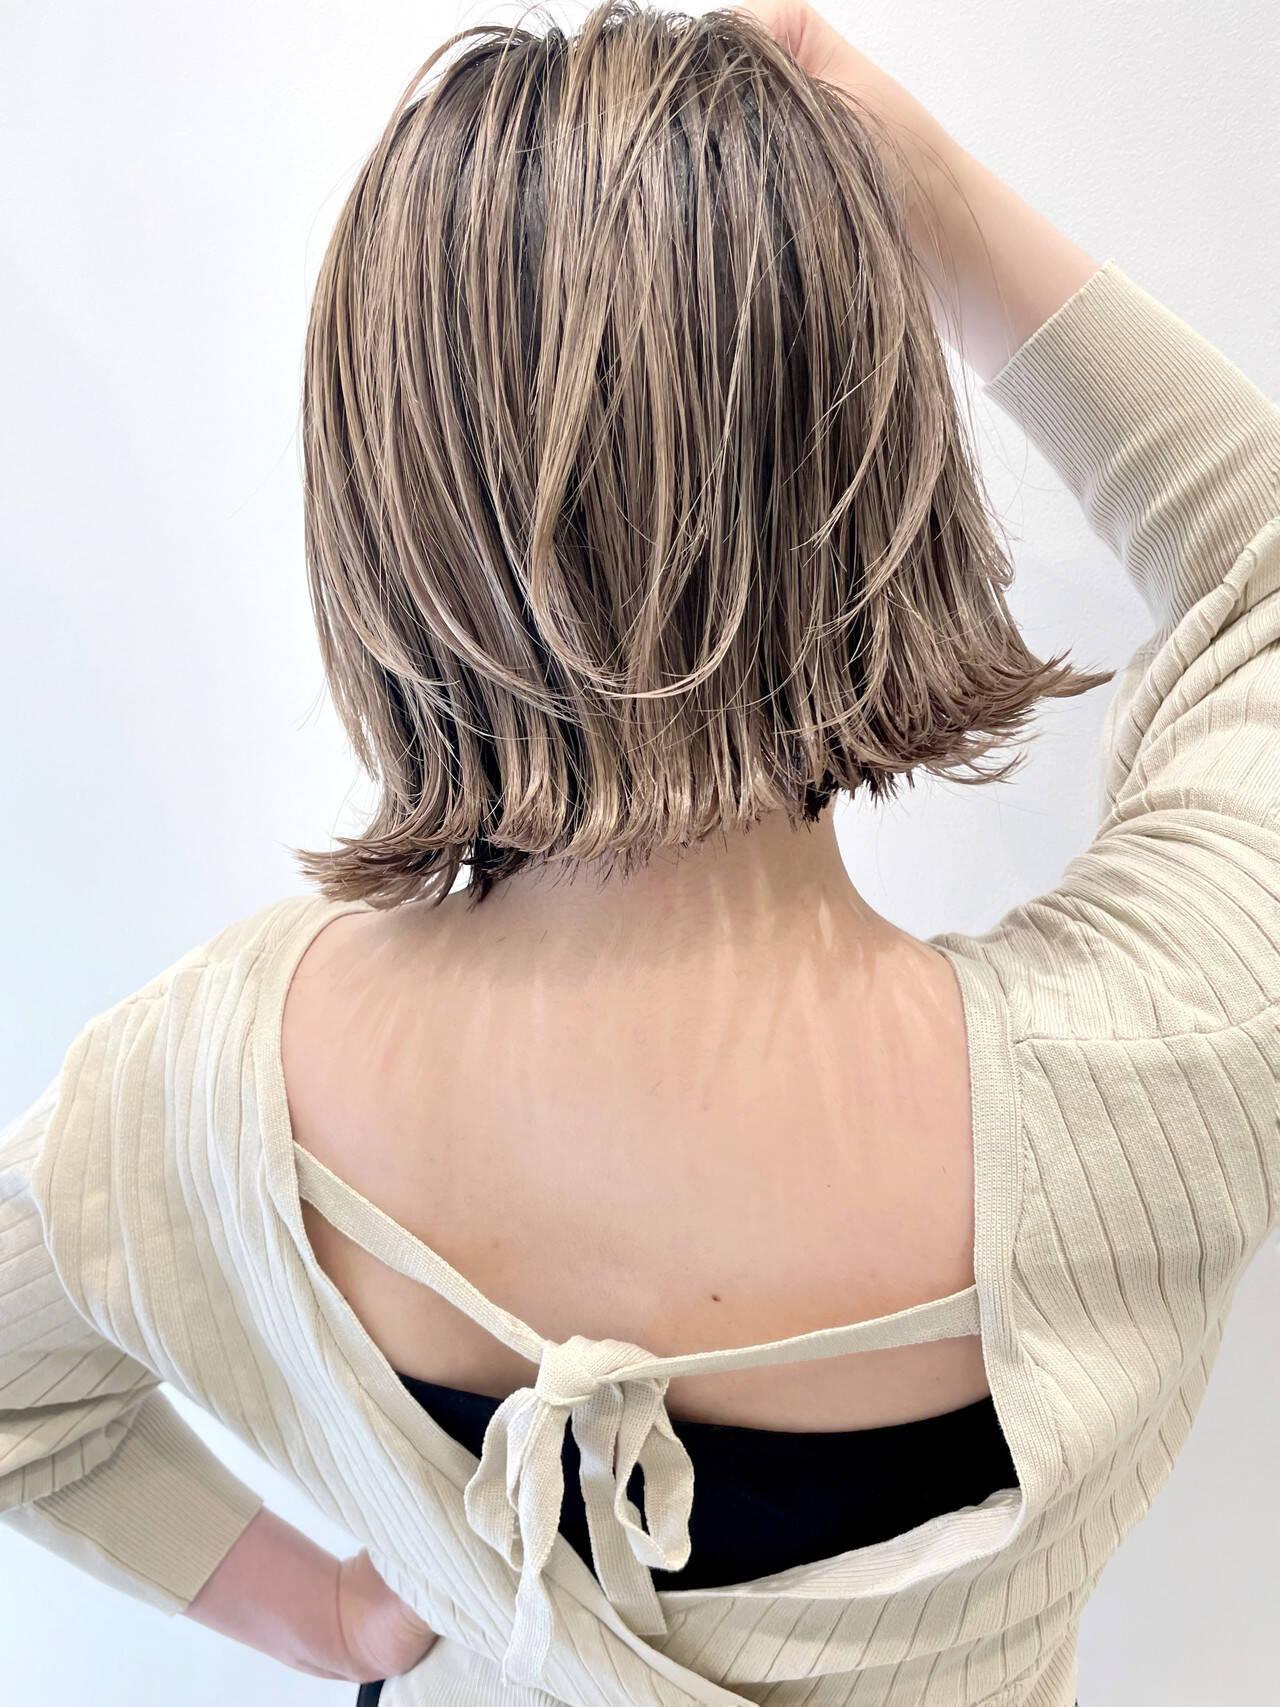 バレイヤージュ ハイライト ミニボブ ボブヘアスタイルや髪型の写真・画像